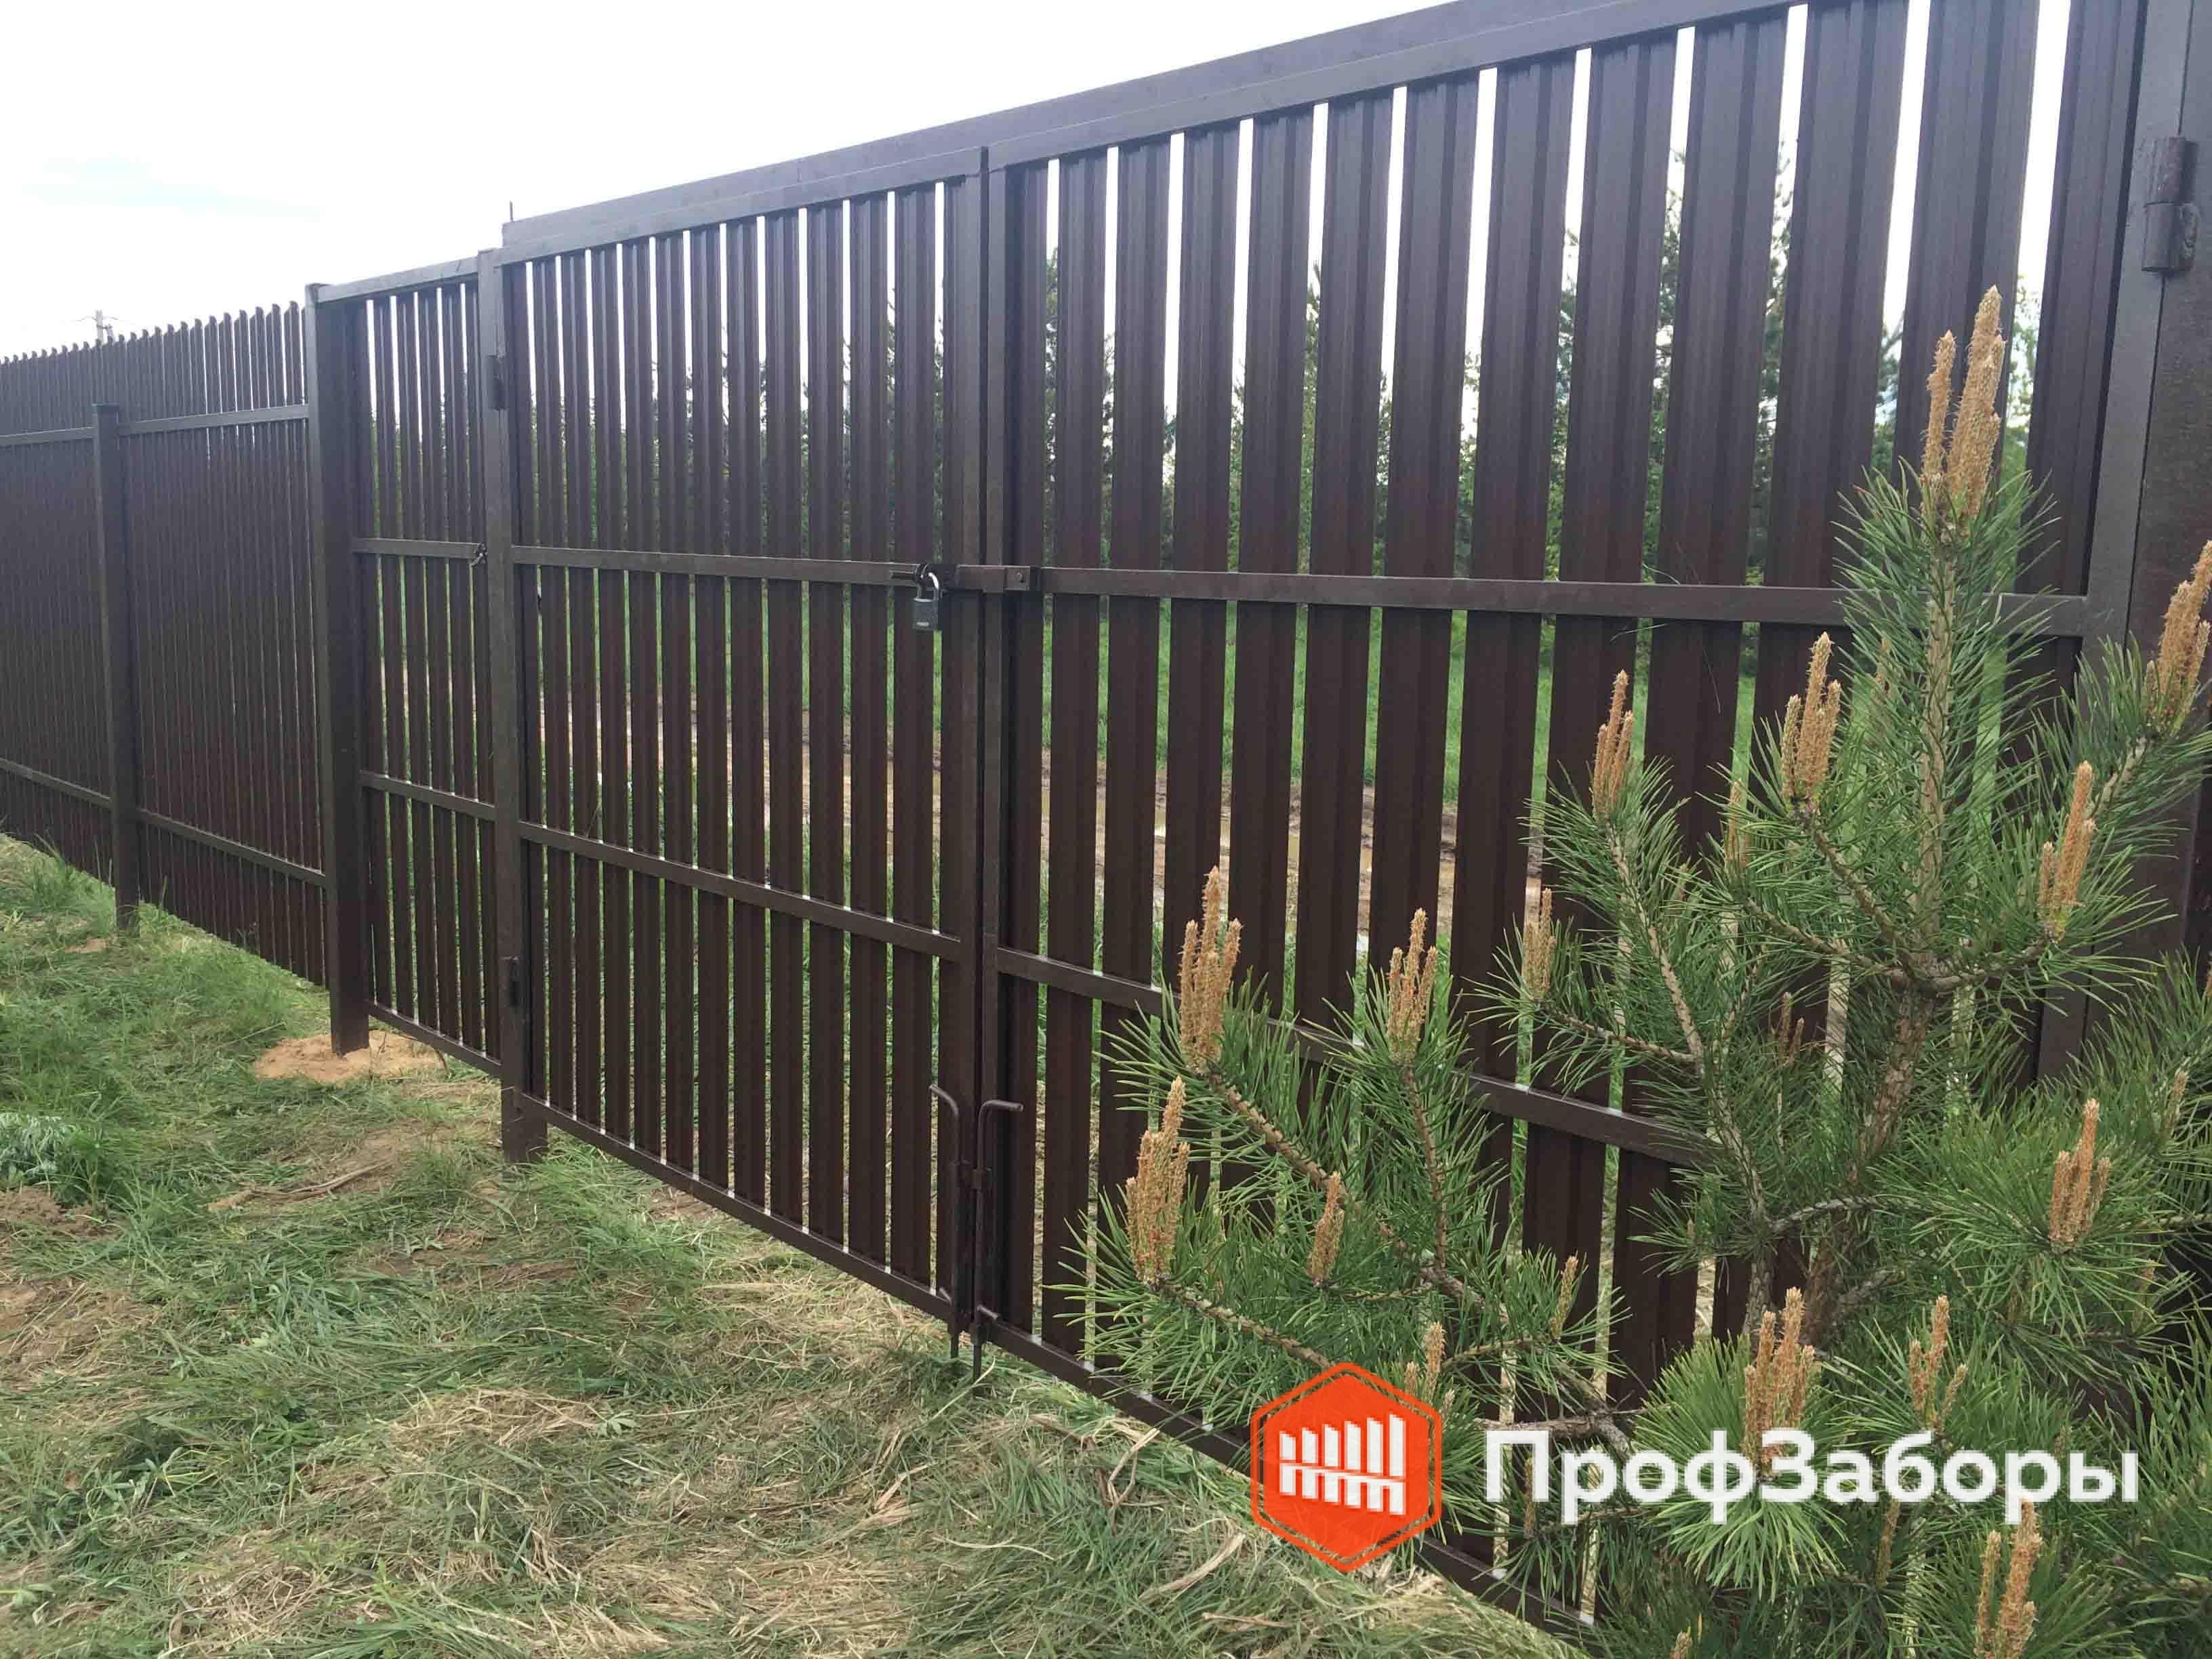 Заборы Из евроштакетника - Городской округ Королёв. Фото 3